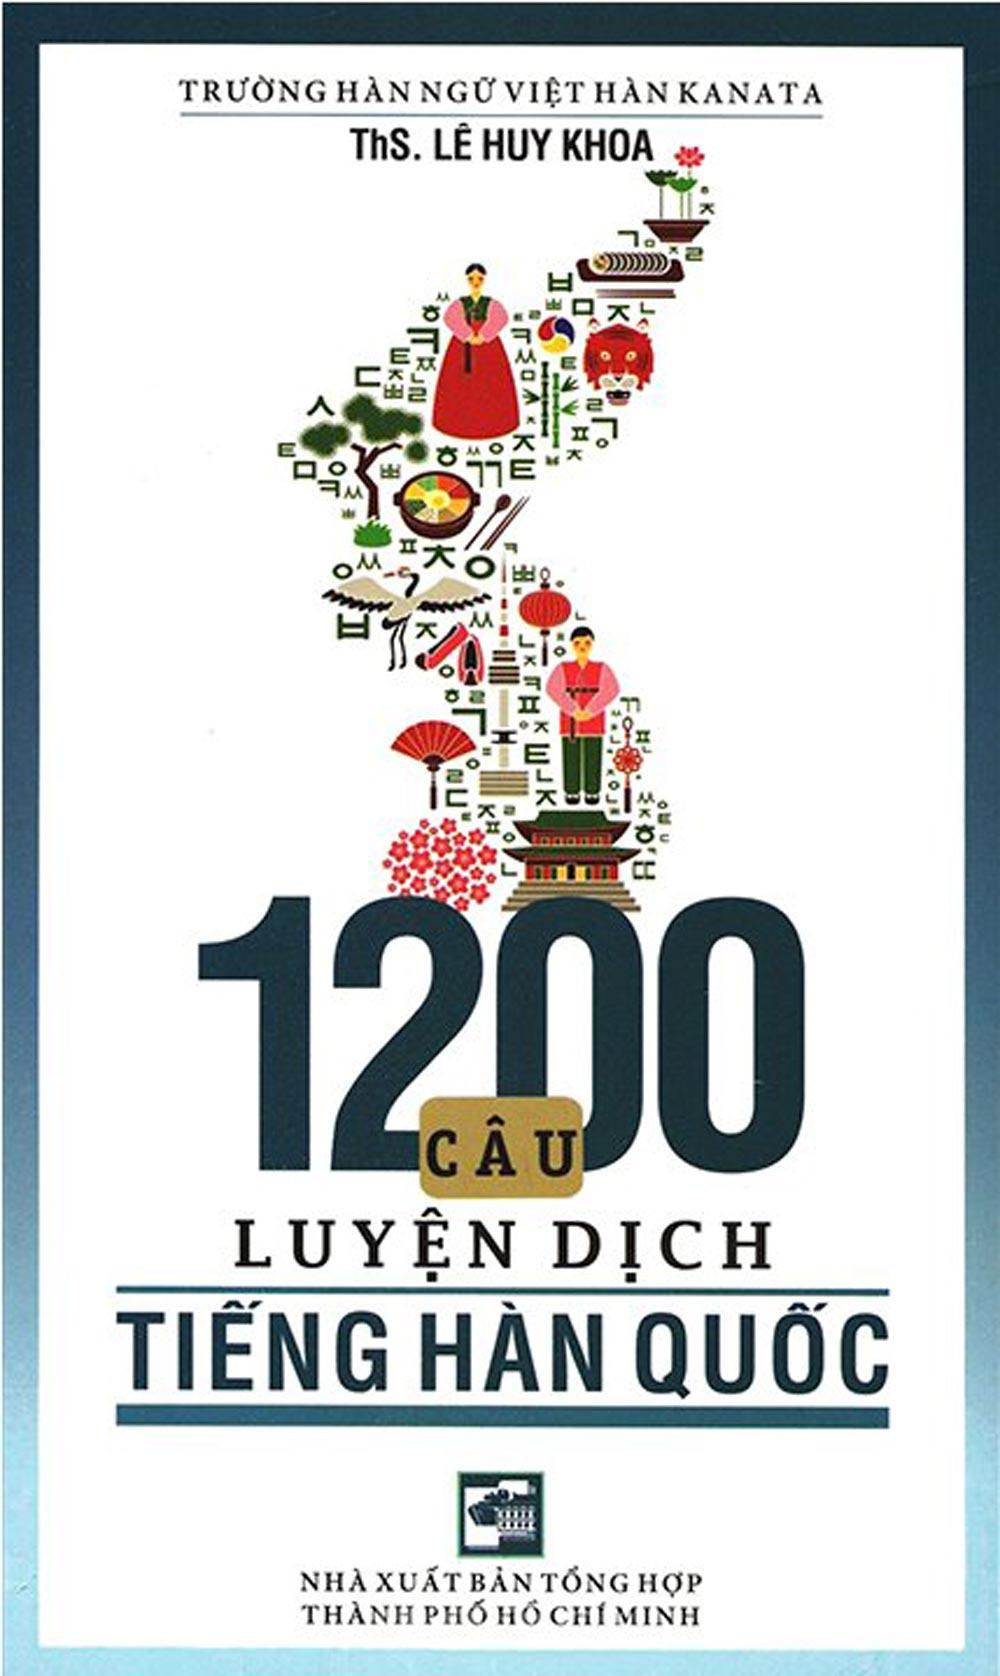 1200 Câu Luyện Dịch Tiếng Hàn Quốc - EBOOK/PDF/PRC/EPUB